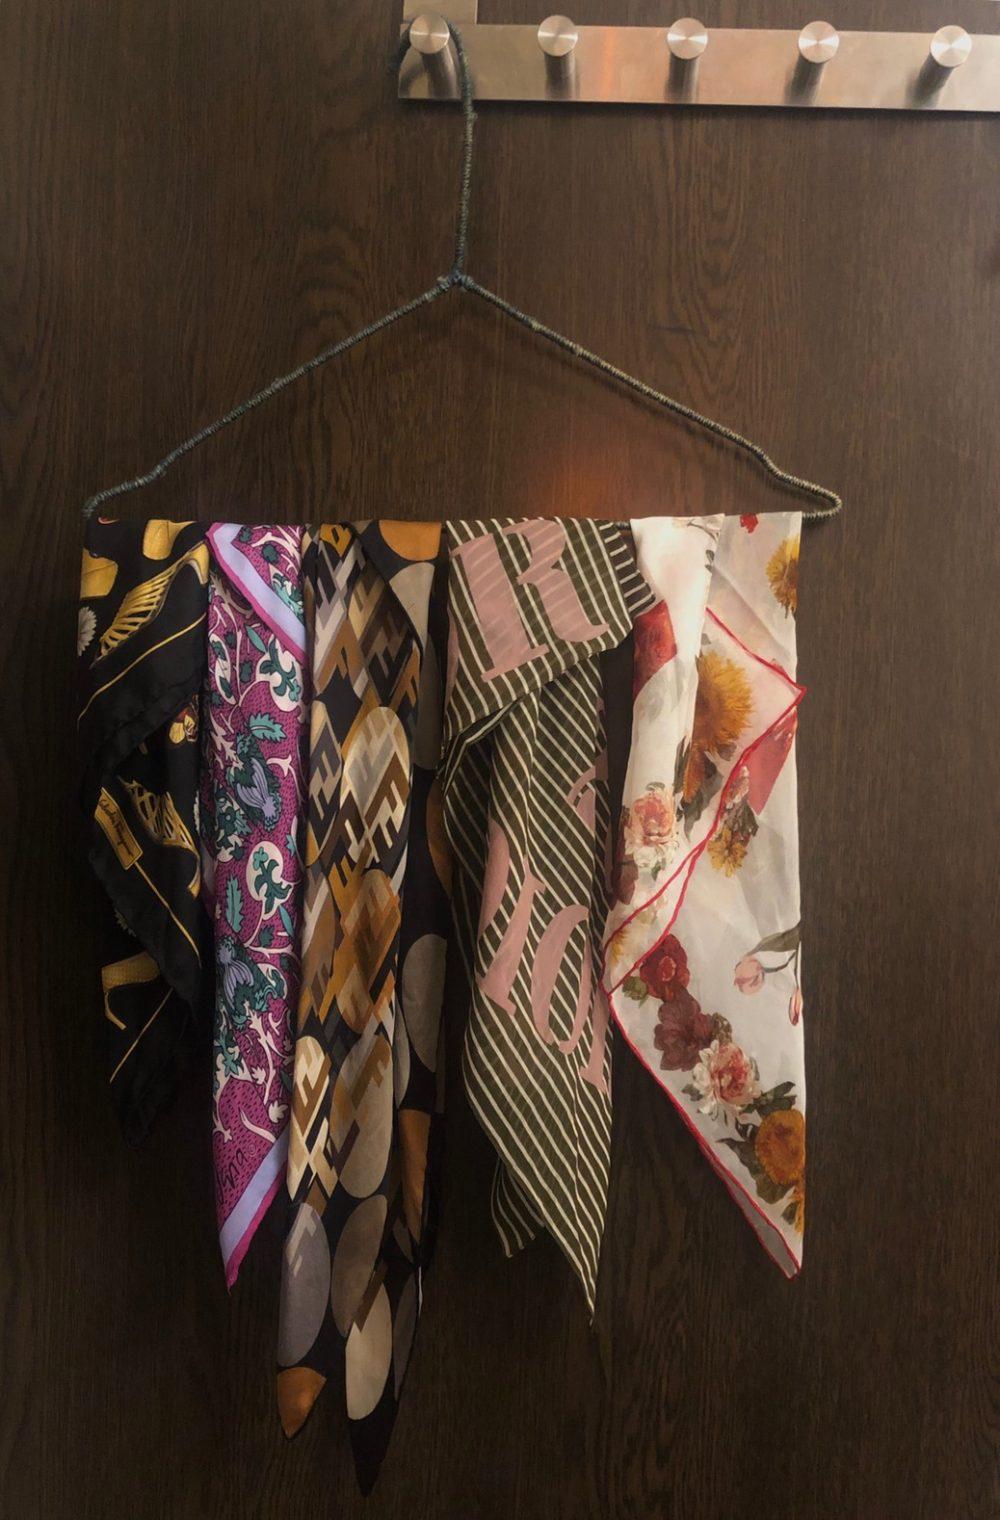 ヴィンテージ リティカ おしゃれ 洋服整理術 収納 スカーフ